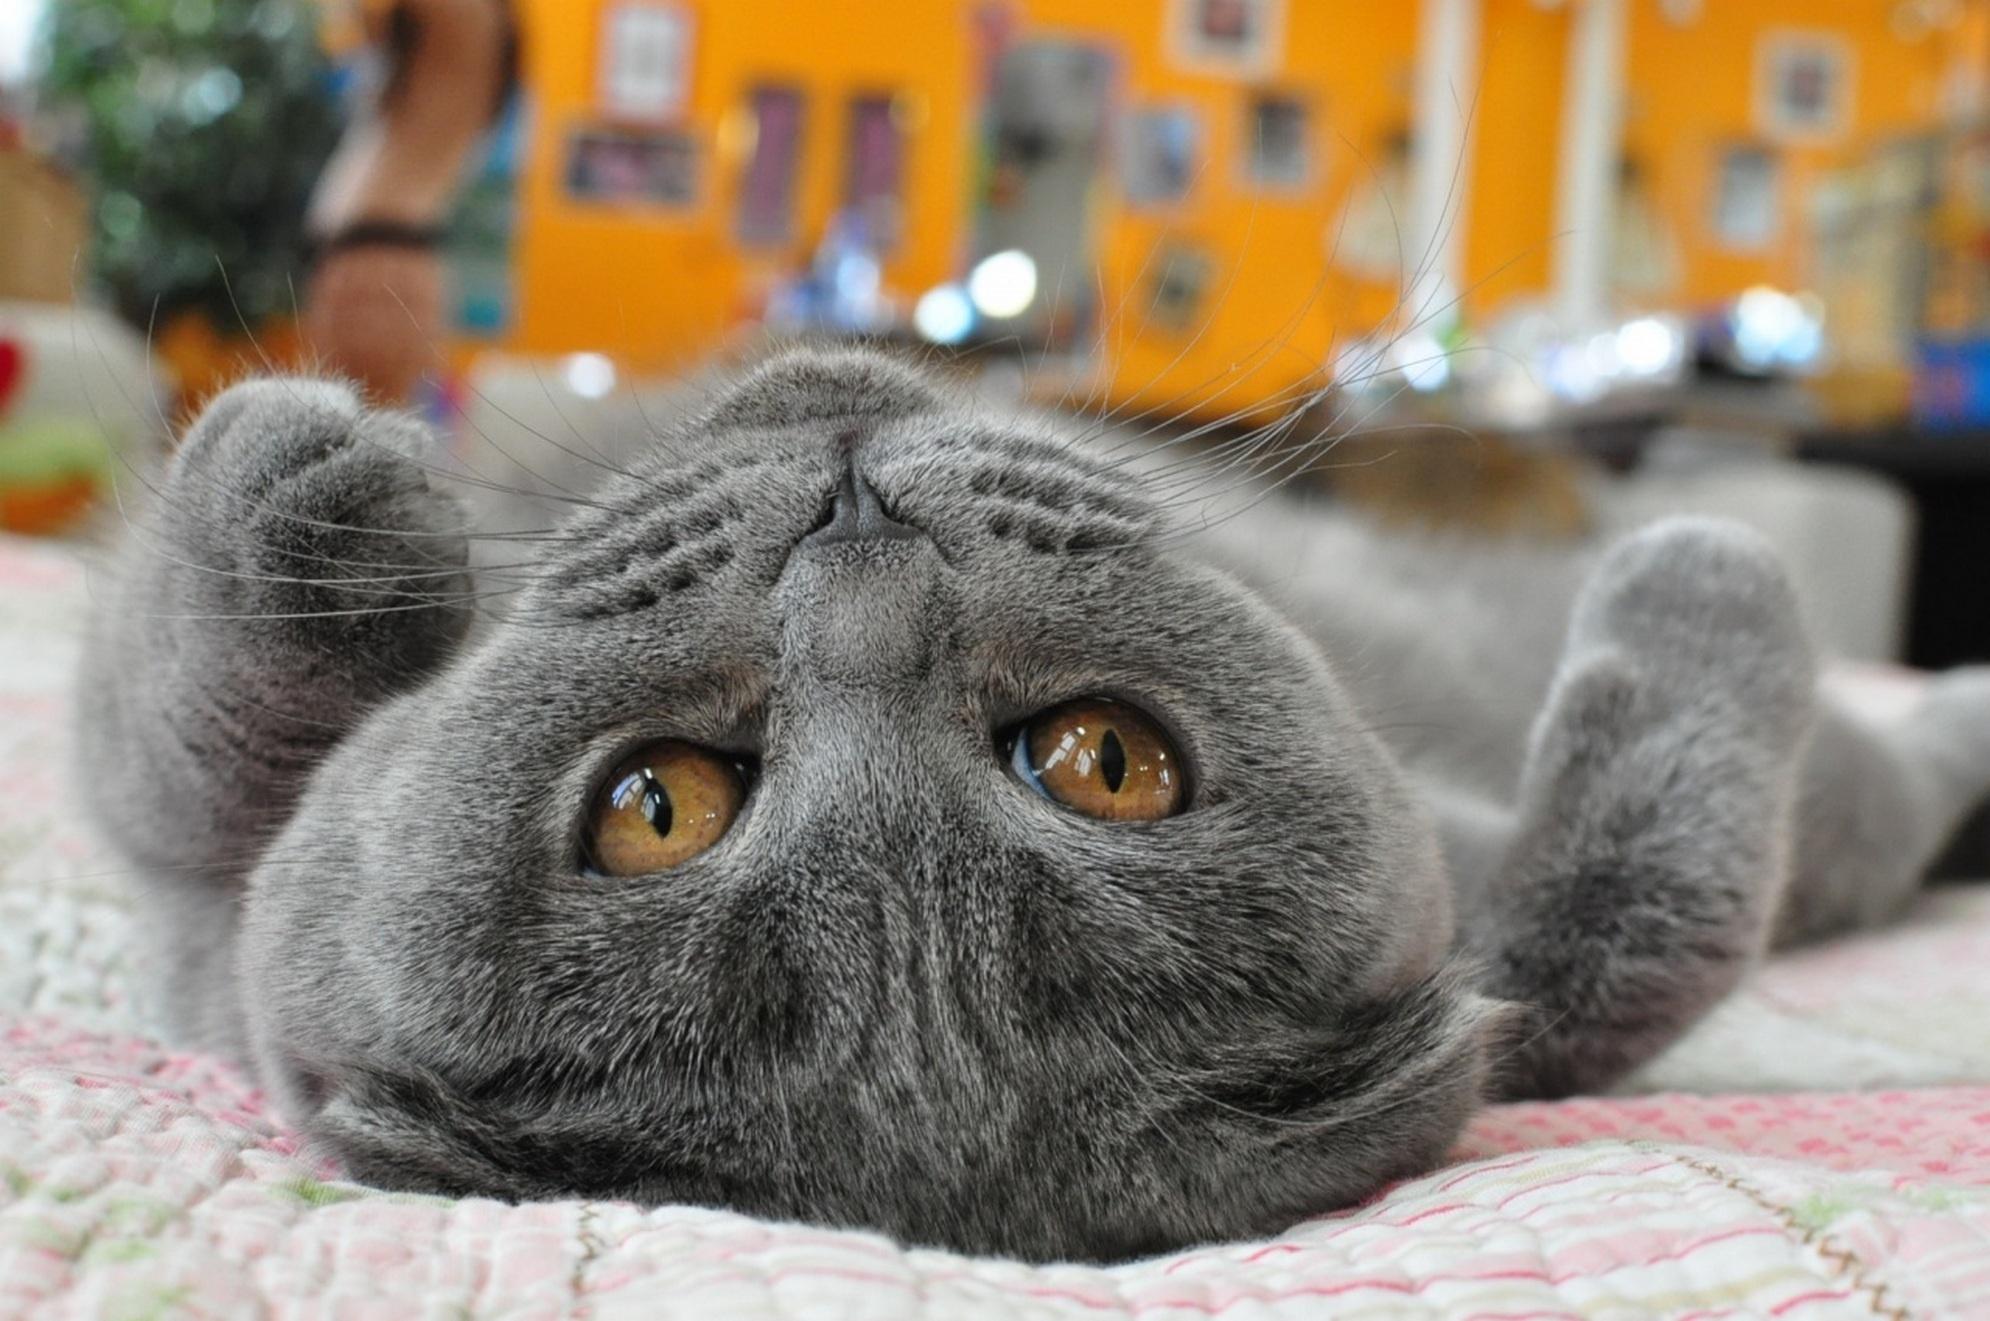 Года картинки, британский кот картинки приколы